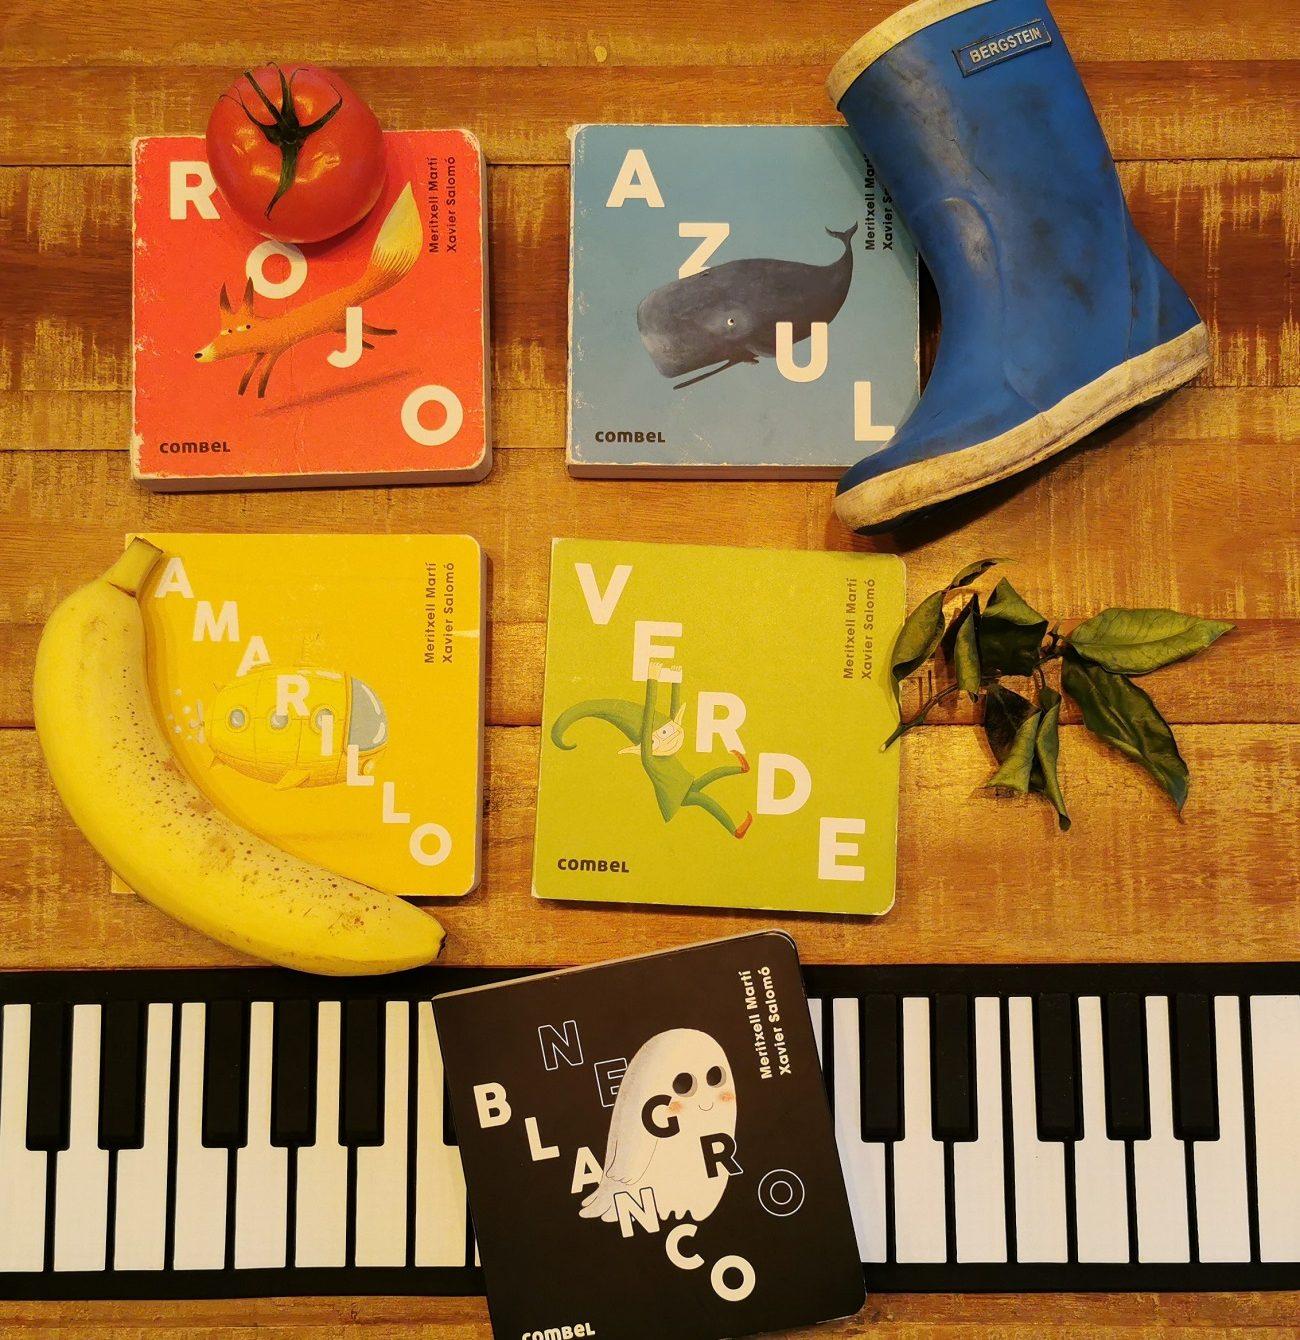 Colores Combel_marti_xalomo_telar de libros